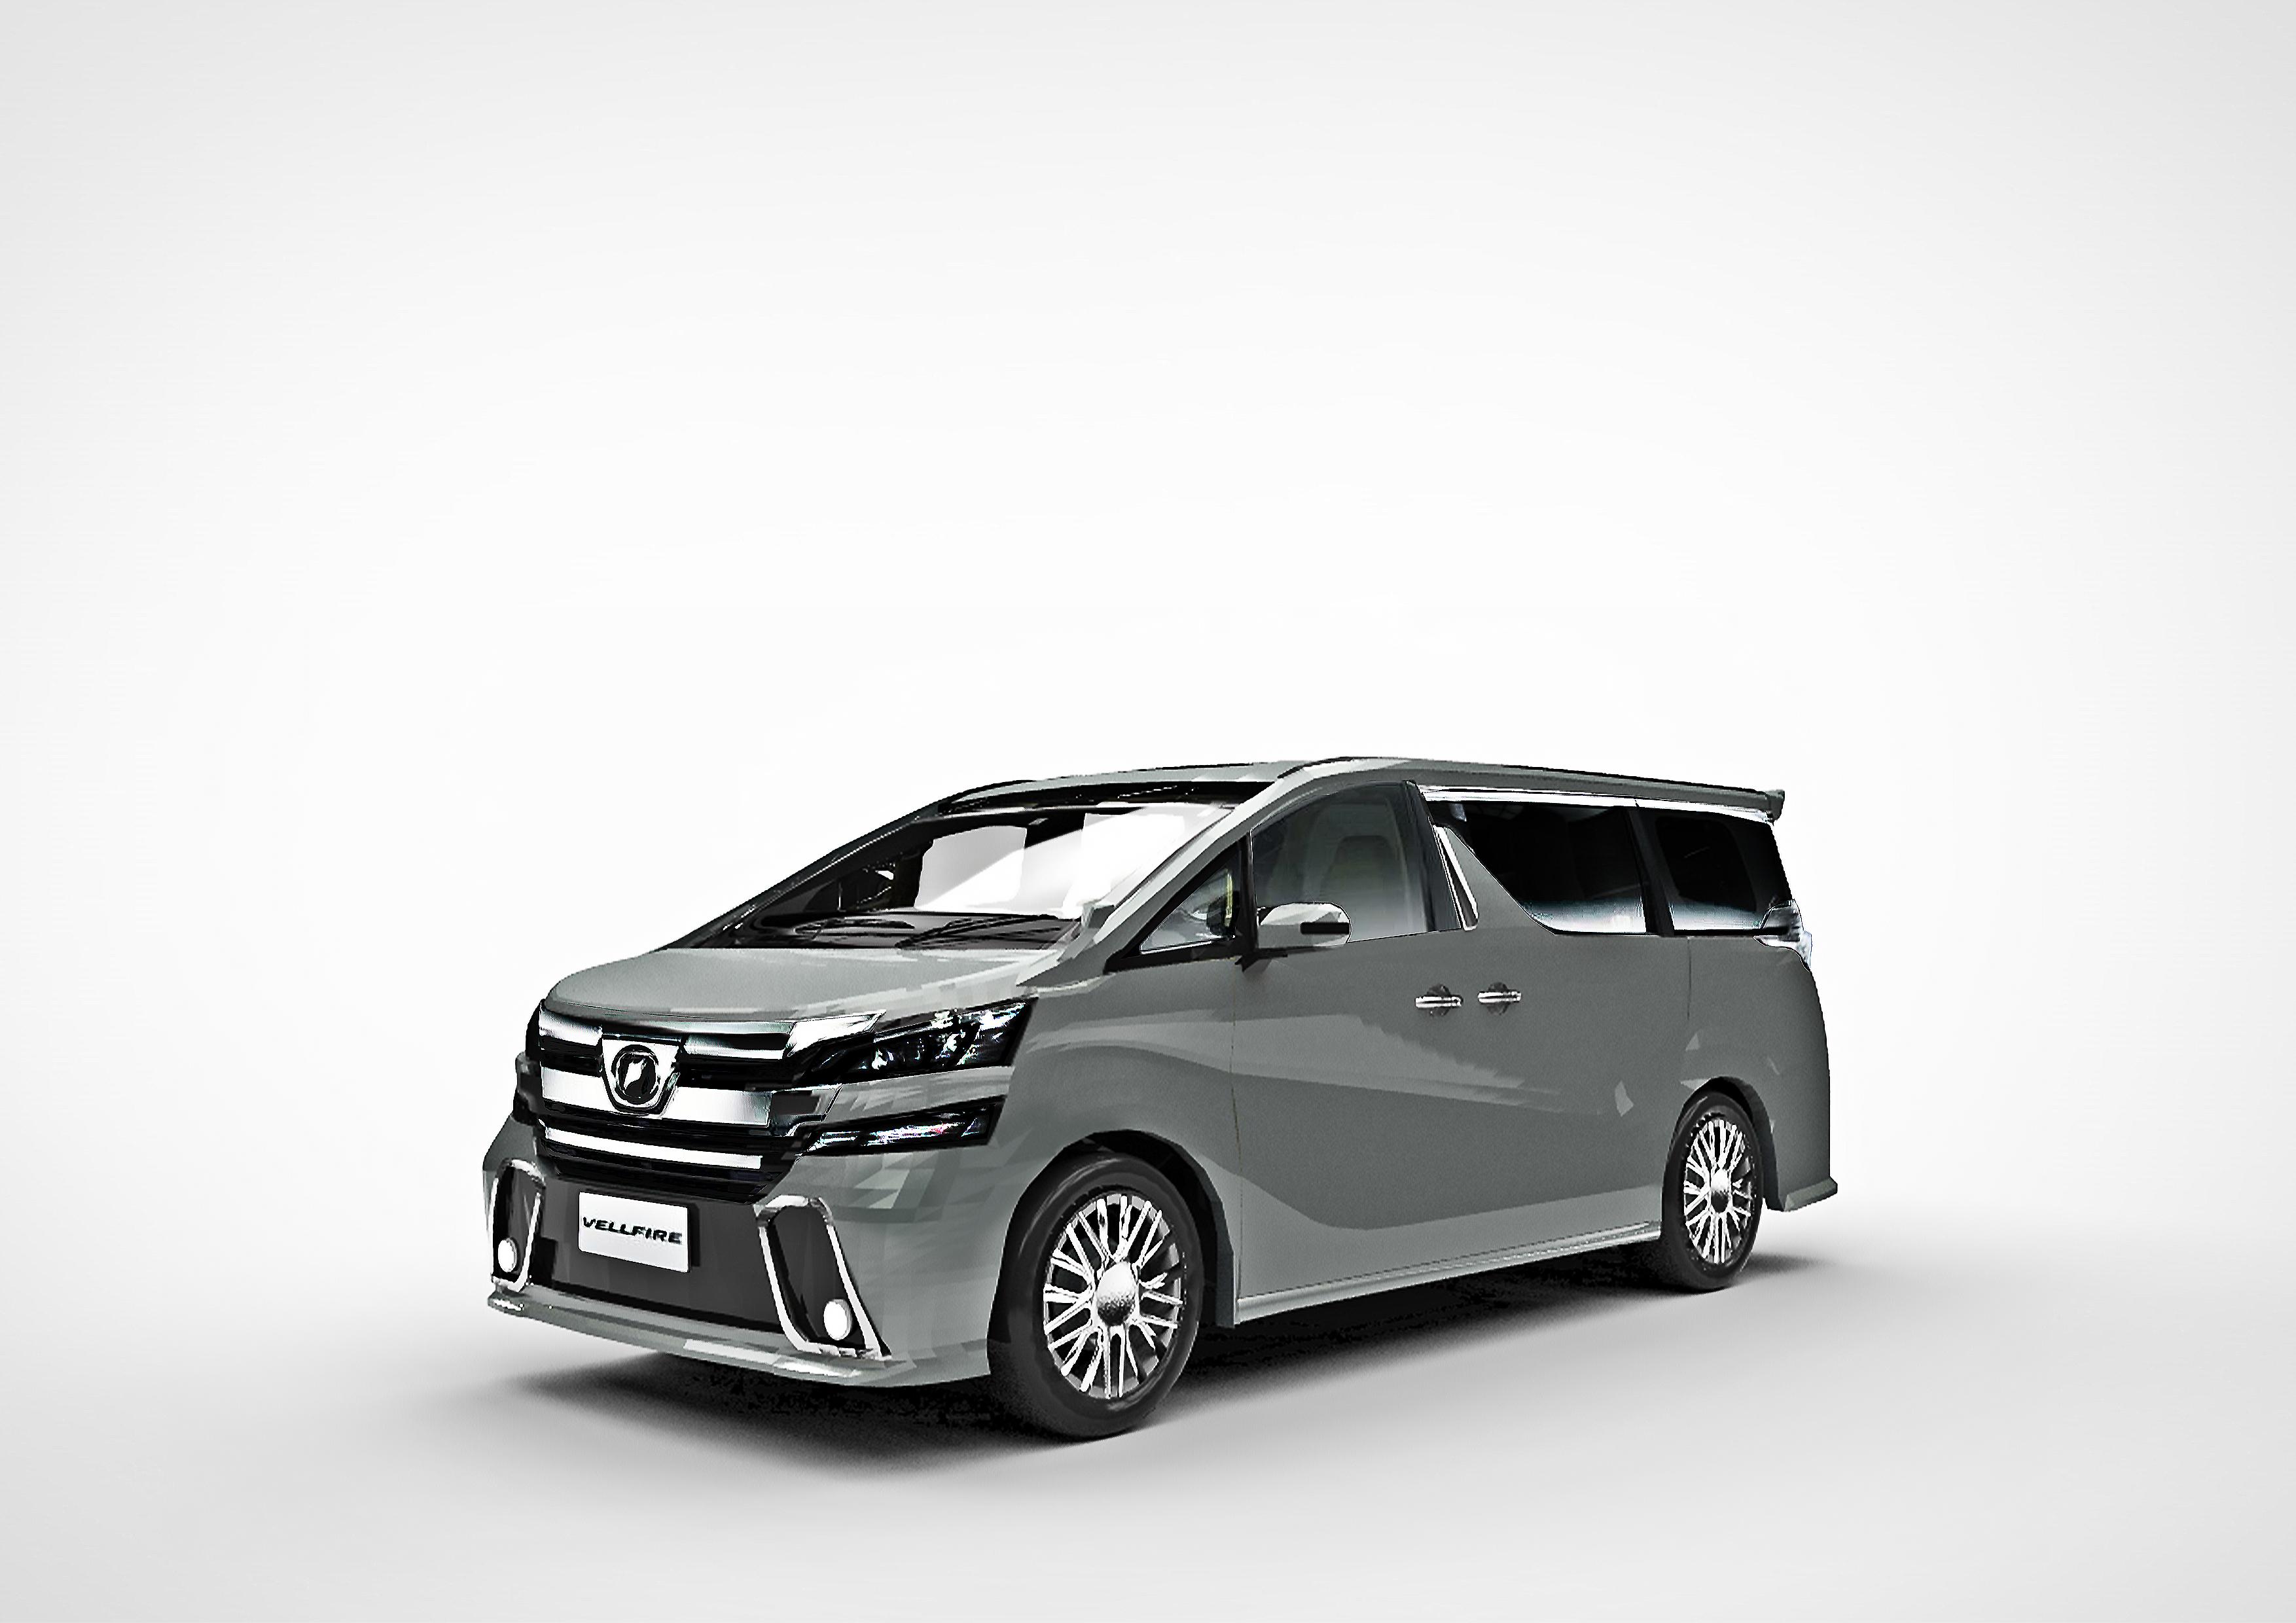 Toyota 2016 Models >> Toyota Vellfire 2016